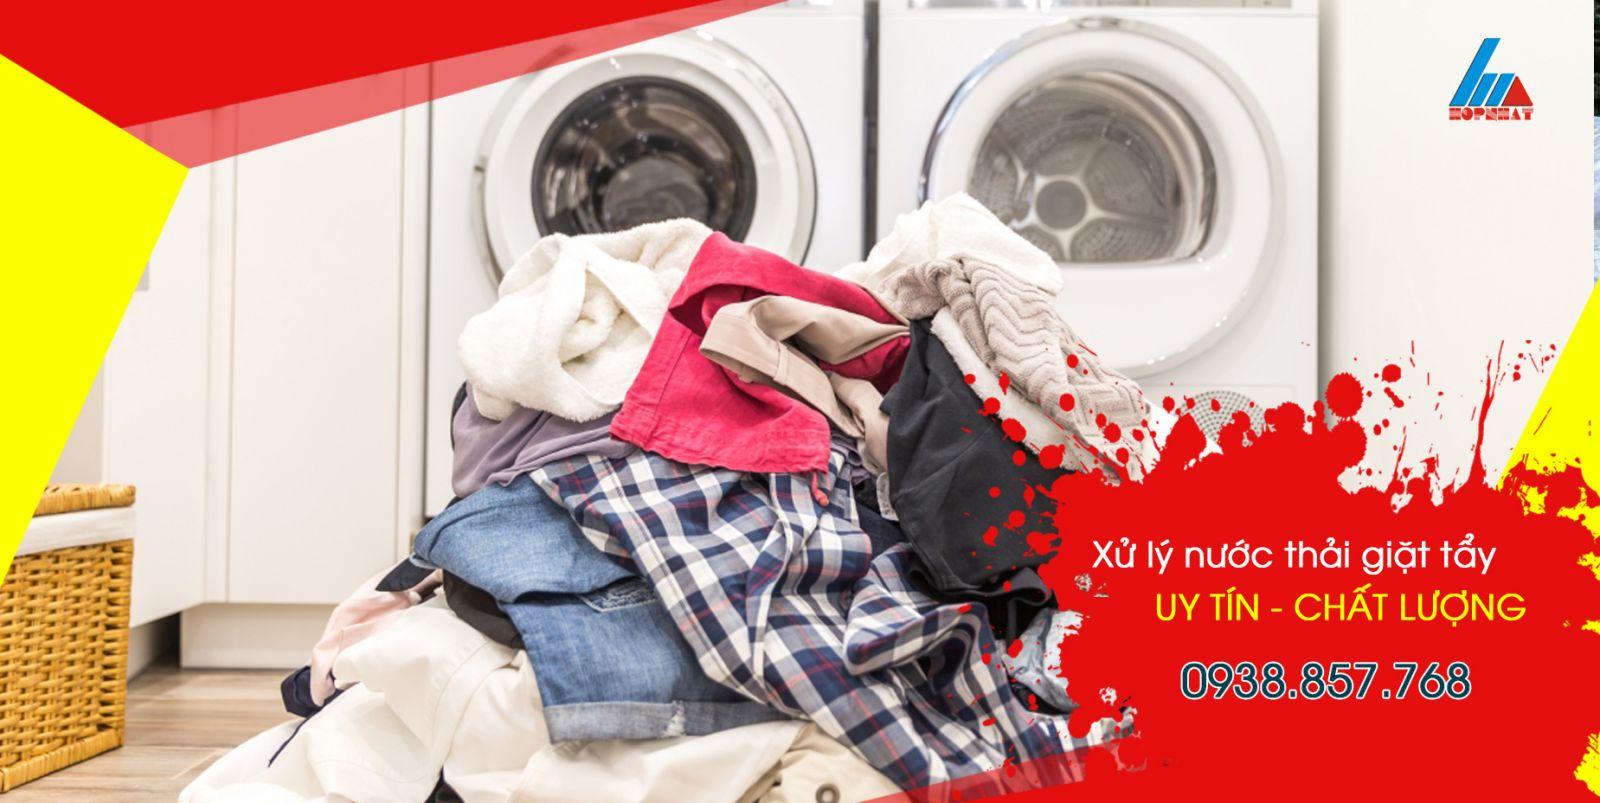 Top 3 công nghệ để xử lý nước thải giặt tẩy